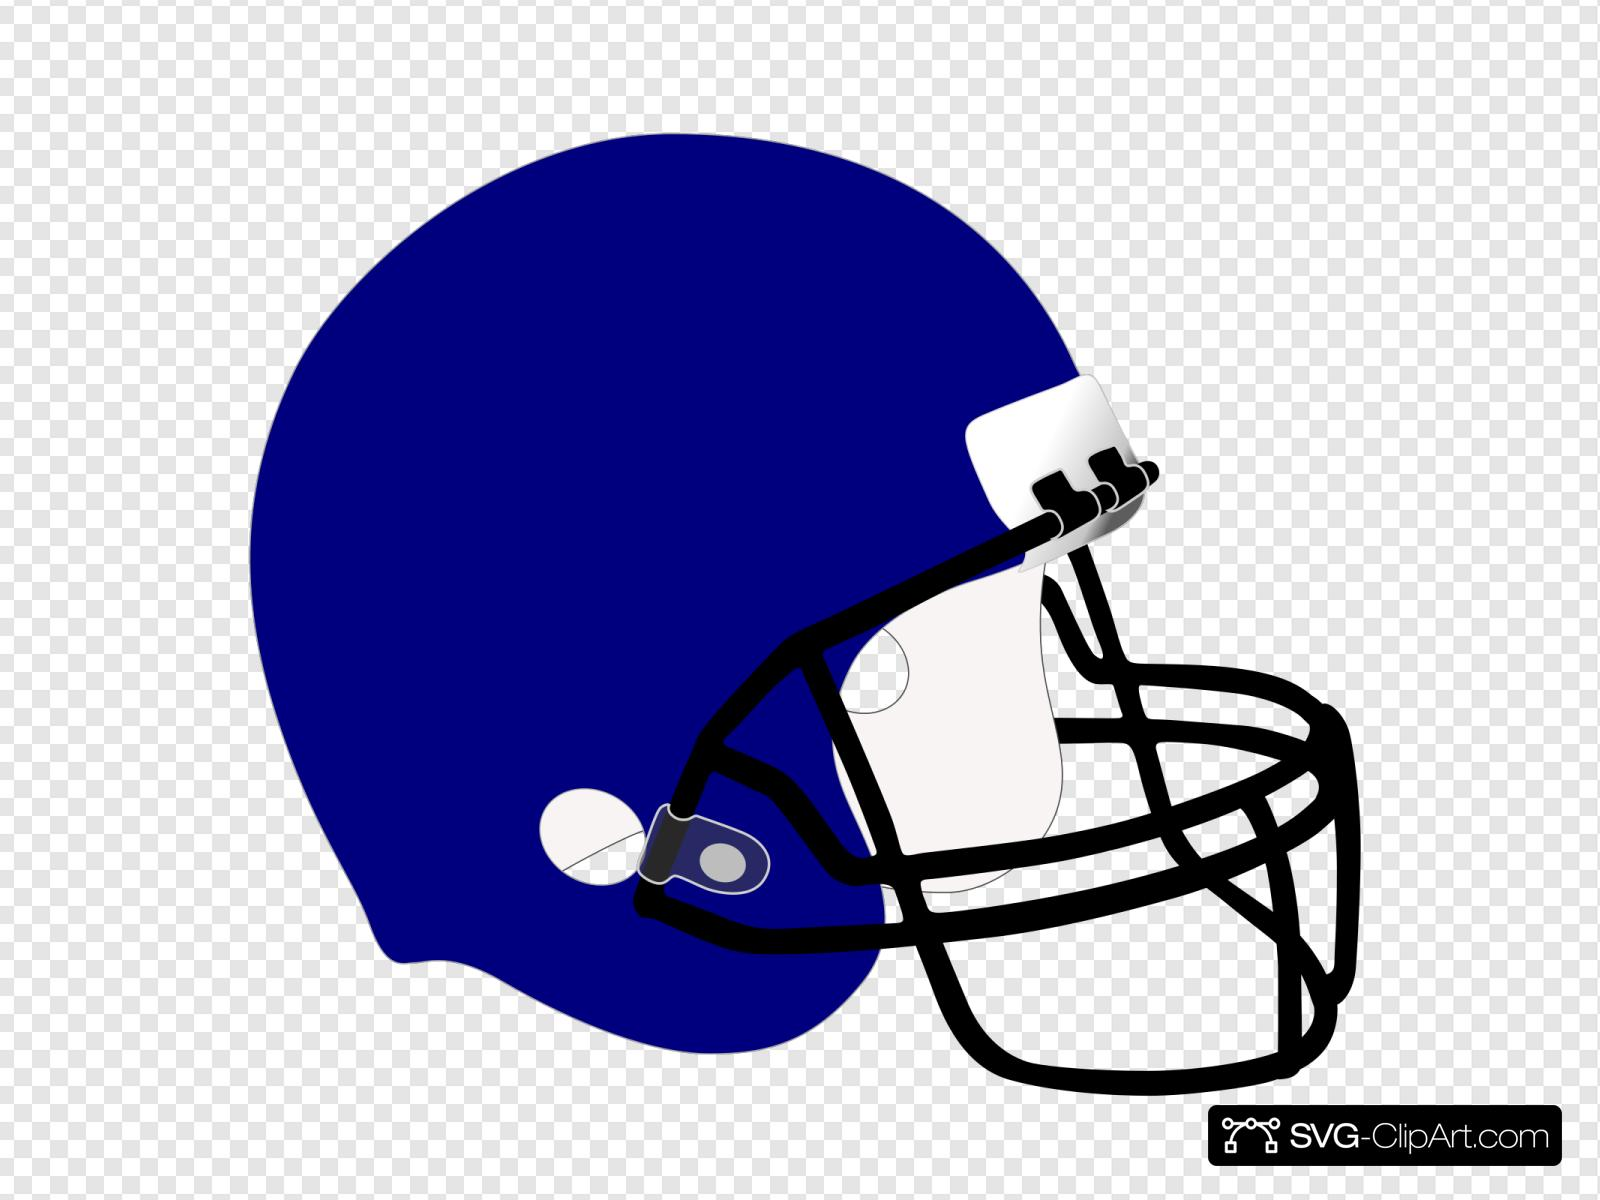 Blue Football Helmet Svg Vector Blue Football Helmet Clip Art Svg Clipart